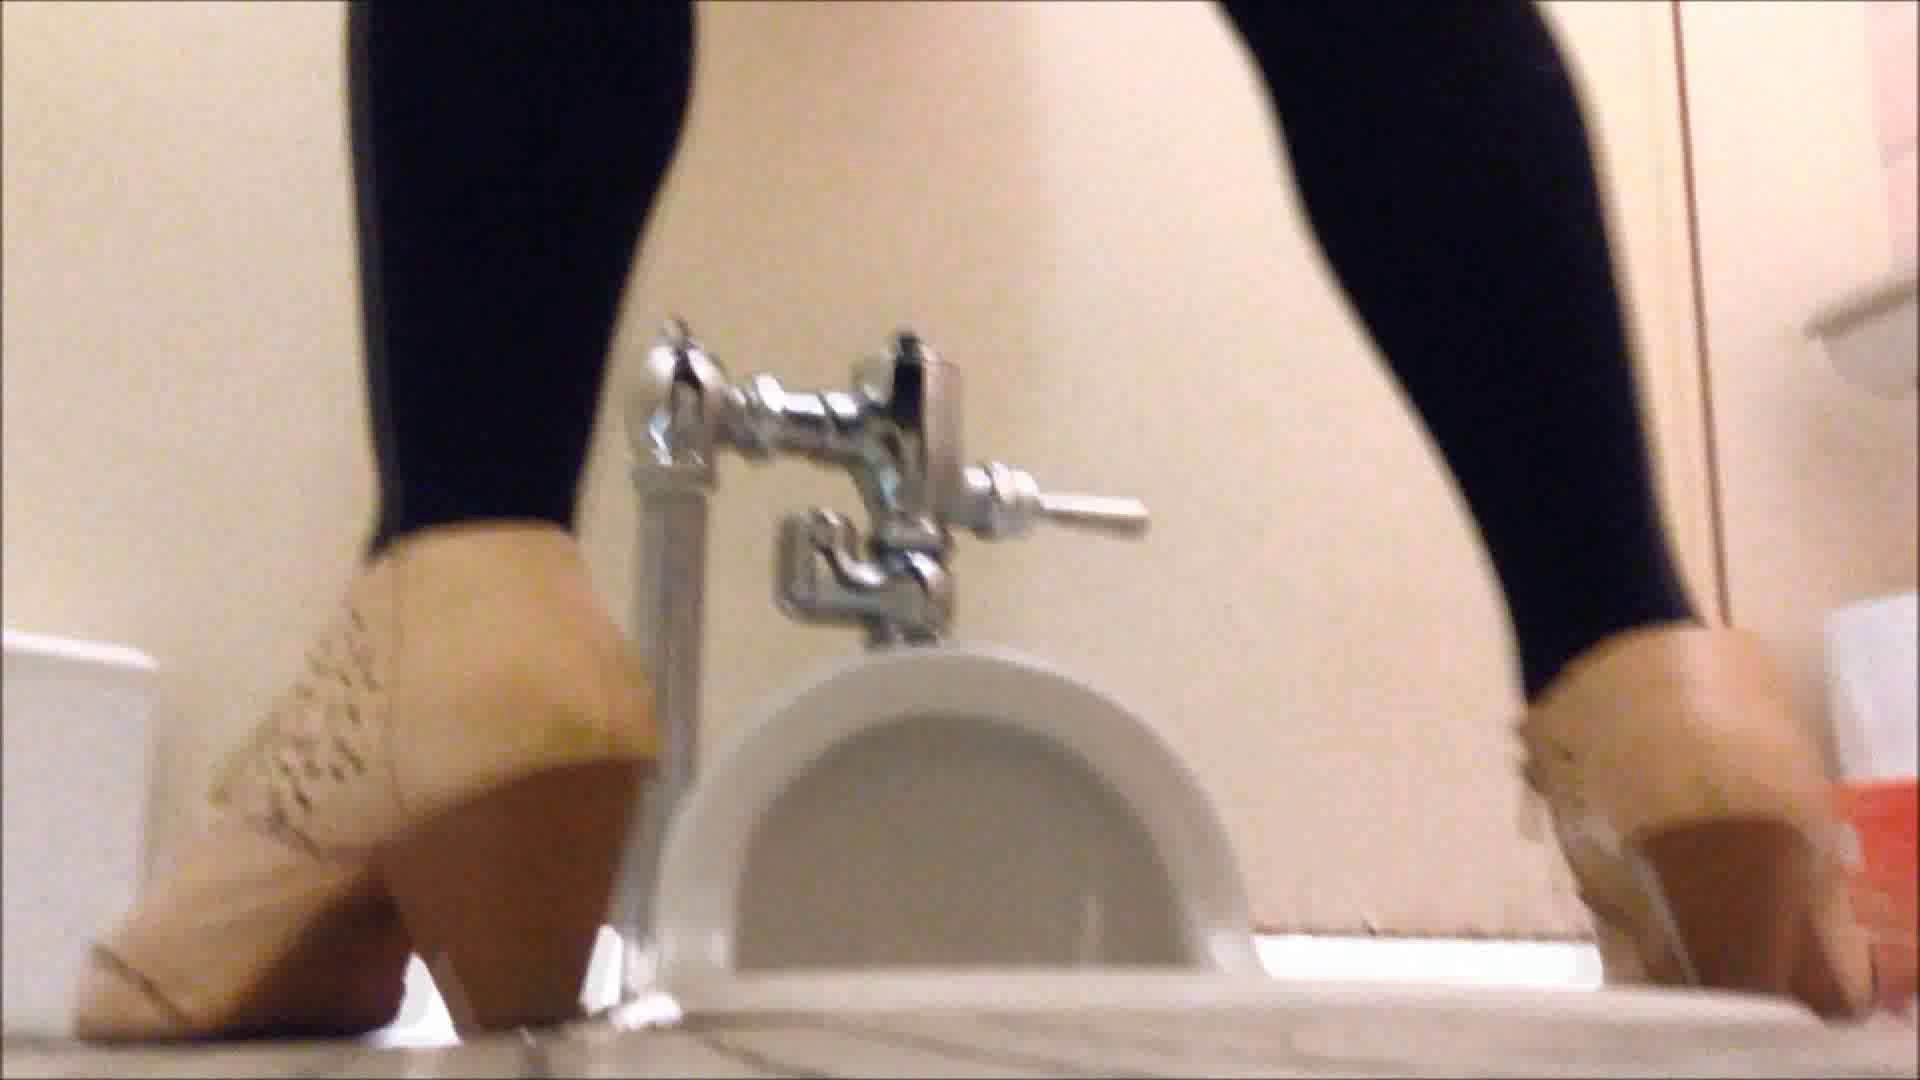 某有名大学女性洗面所 vol.14 排泄 性交動画流出 92画像 31